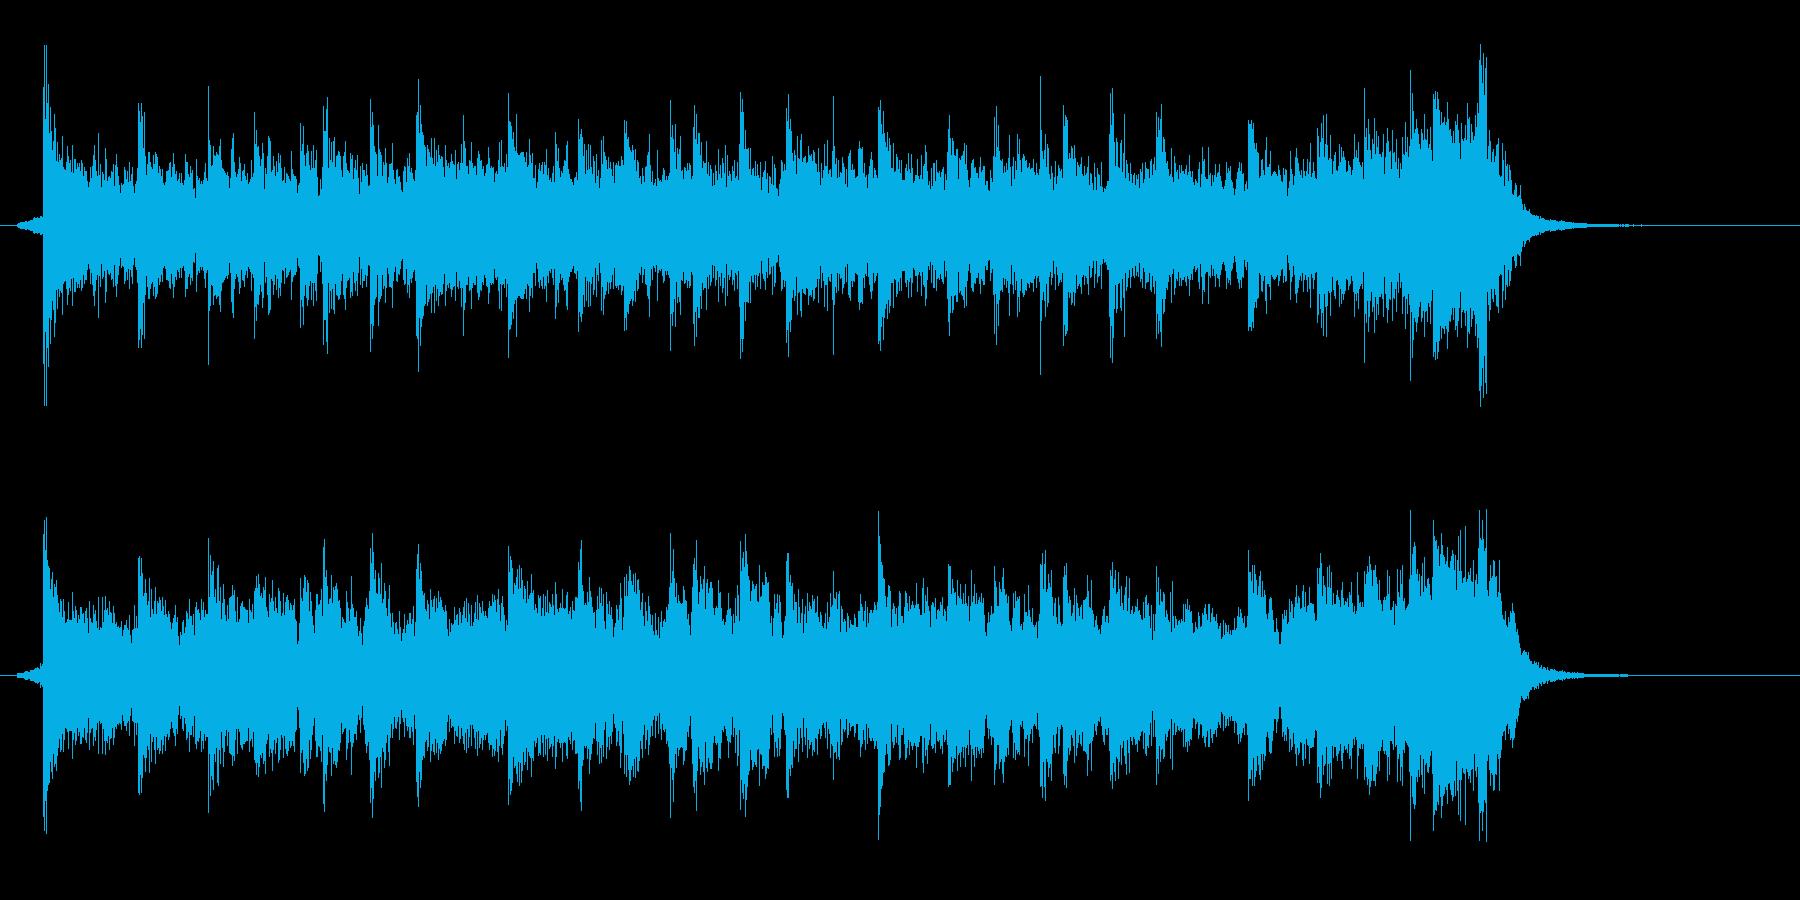 宇宙っぽいシンセメロディーのジングルの再生済みの波形